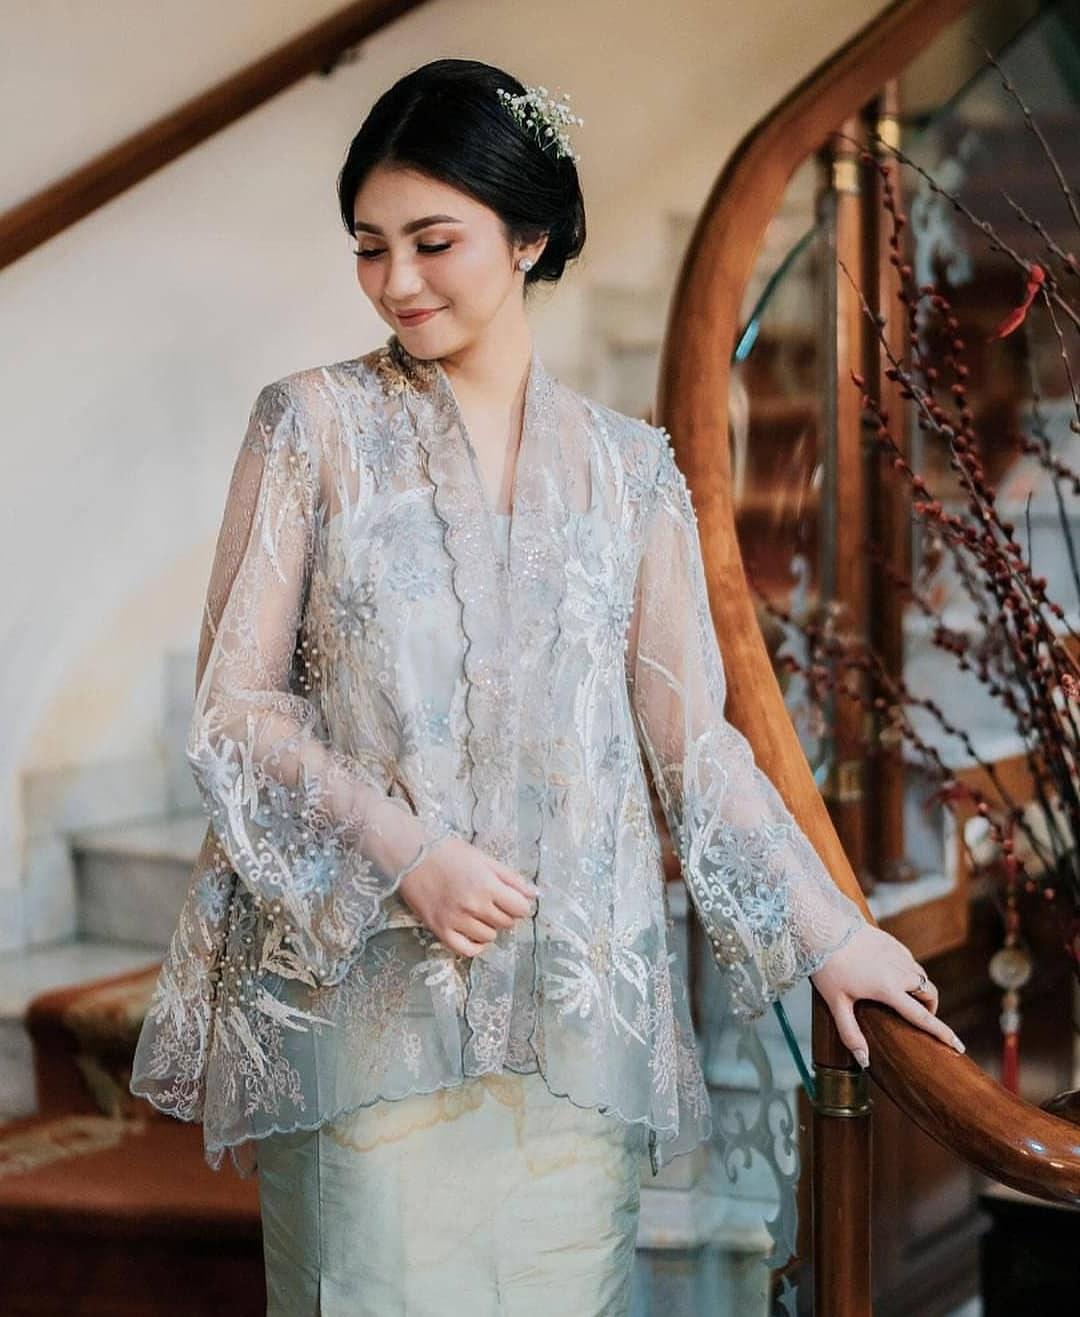 Bentuk Model Baju Gamis Untuk Pesta Pernikahan E6d5 54 Model Kebaya Modern 2020 Inspirasi Wanita Terbaru